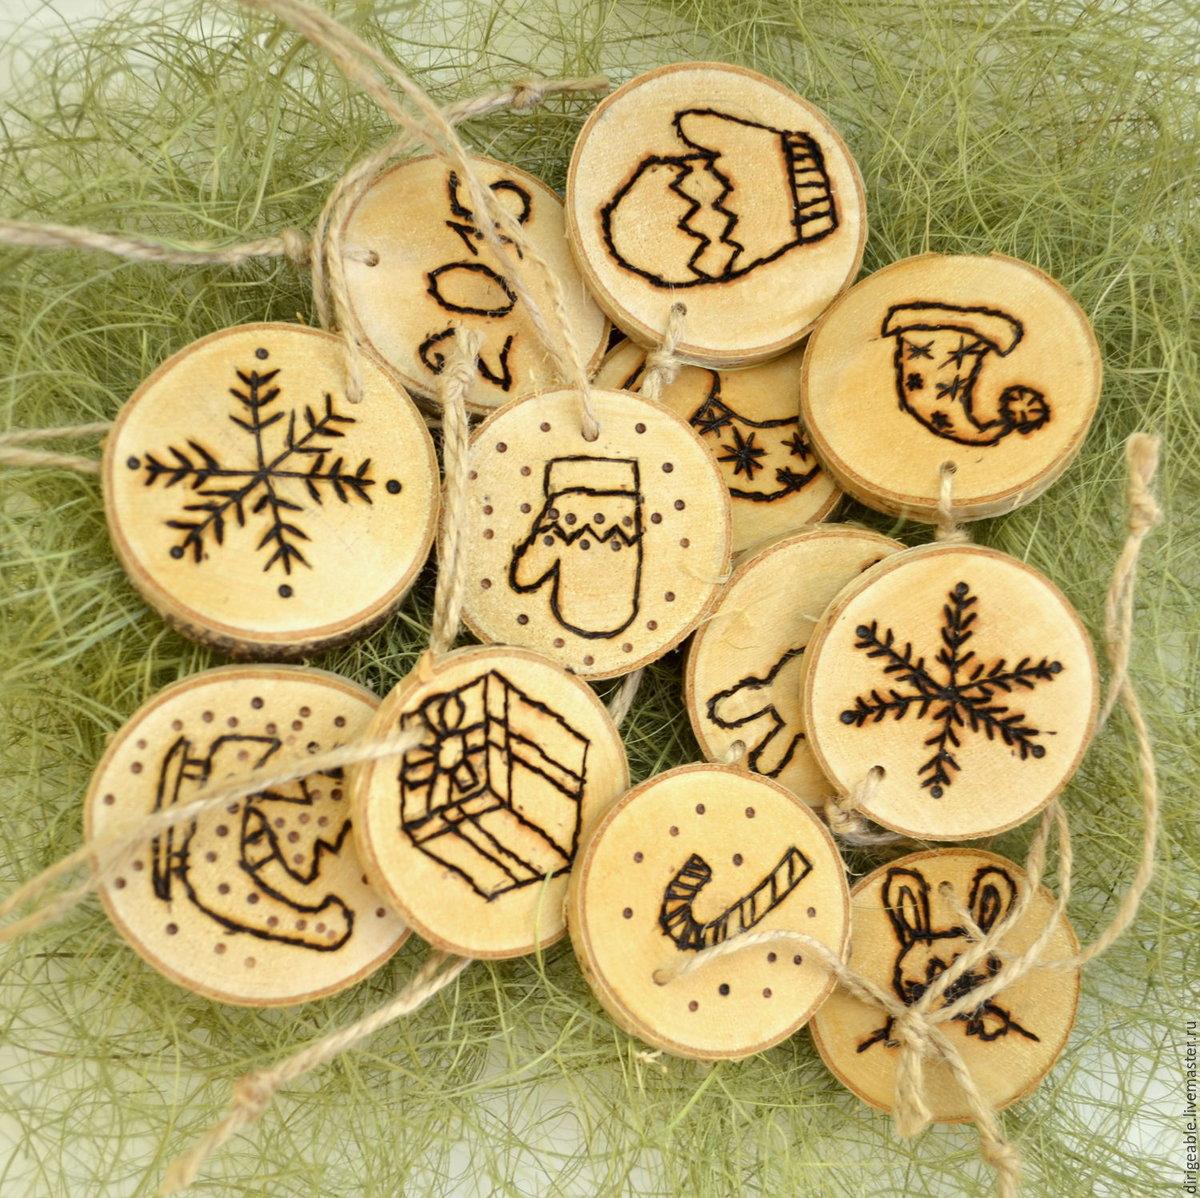 Поделка новогодняя из спилов дерева